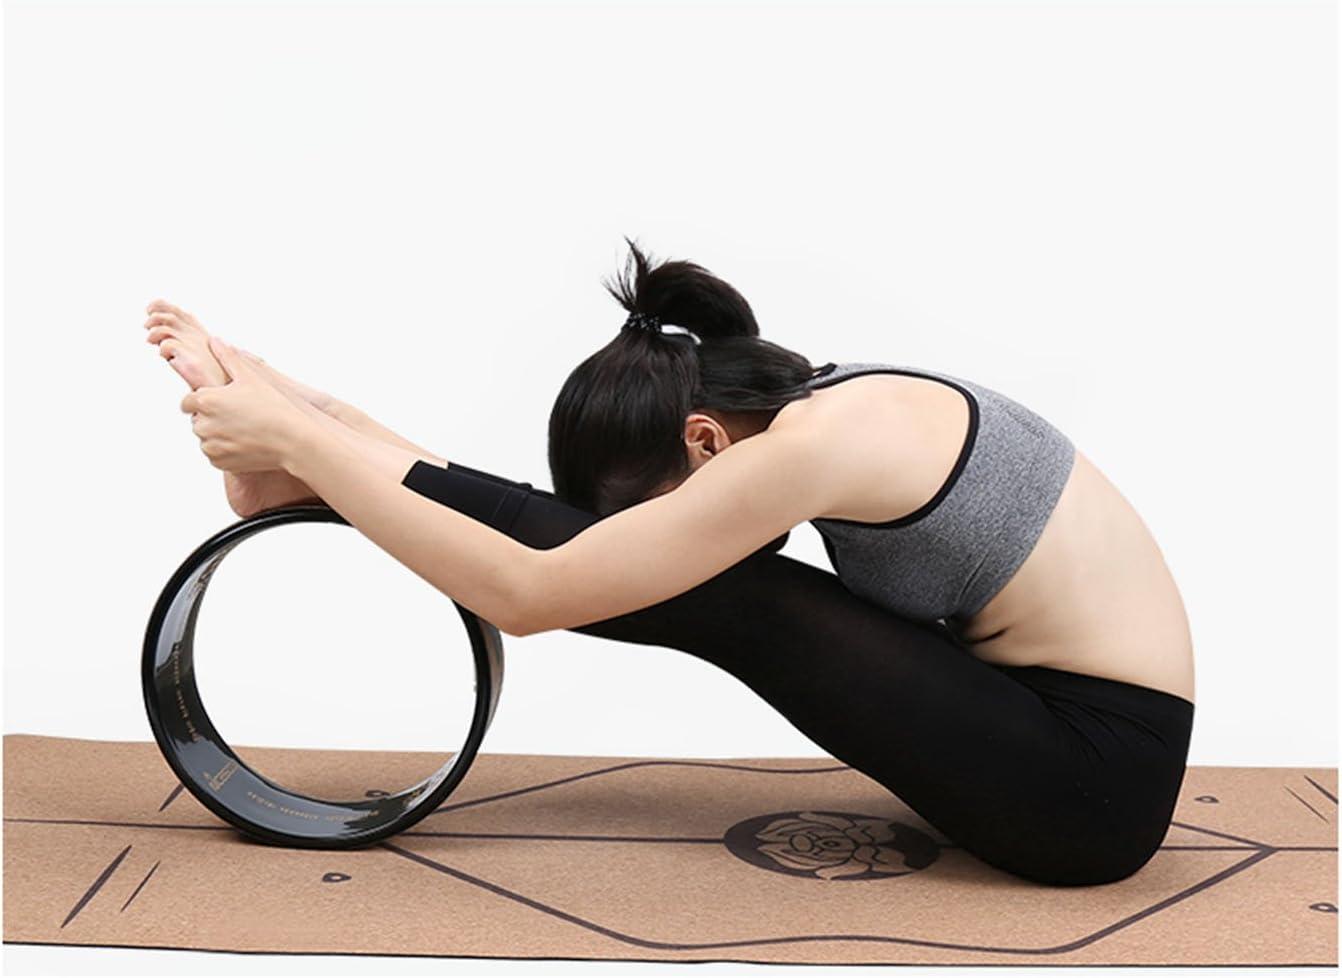 A-Flower Roue Dexercice Noir de Roue de Yoga 32 x 13 cm pour s/étirer Plus Loin avec Le Sac de Roue de Yoga